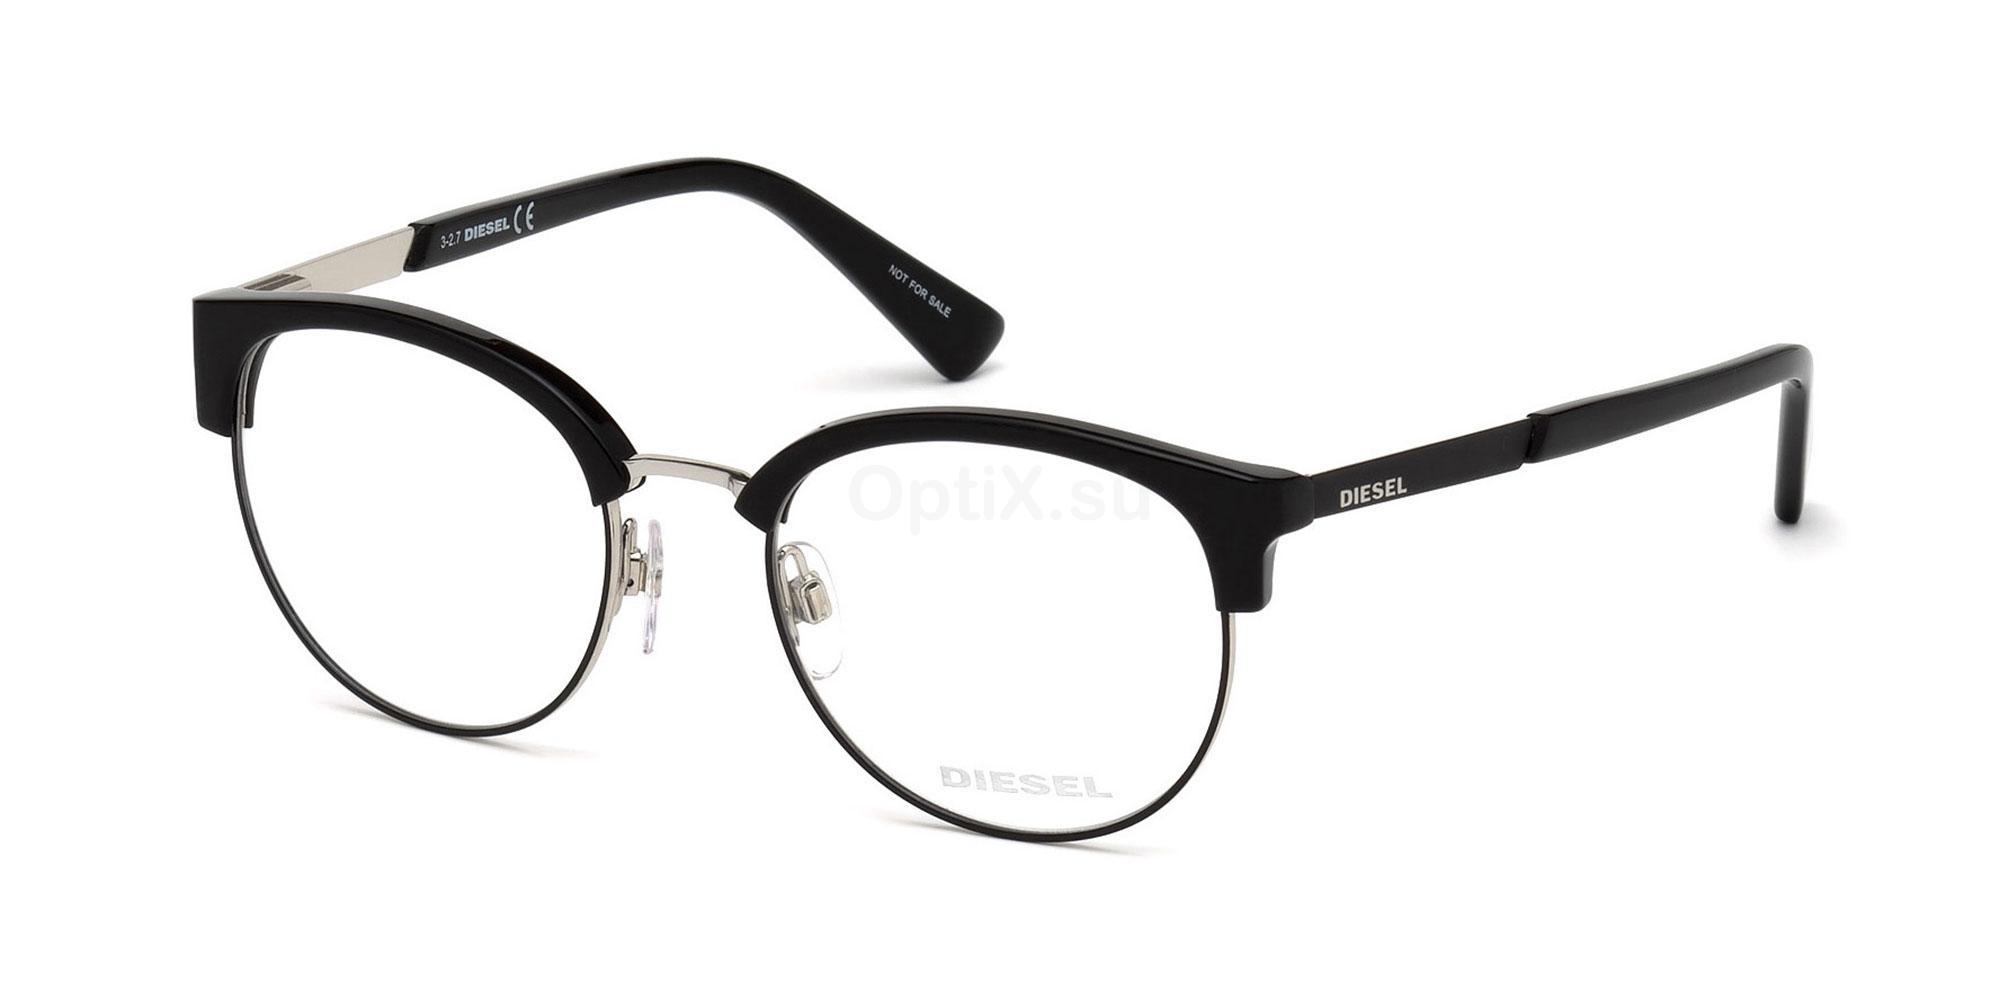 001 DL5281 Glasses, Diesel